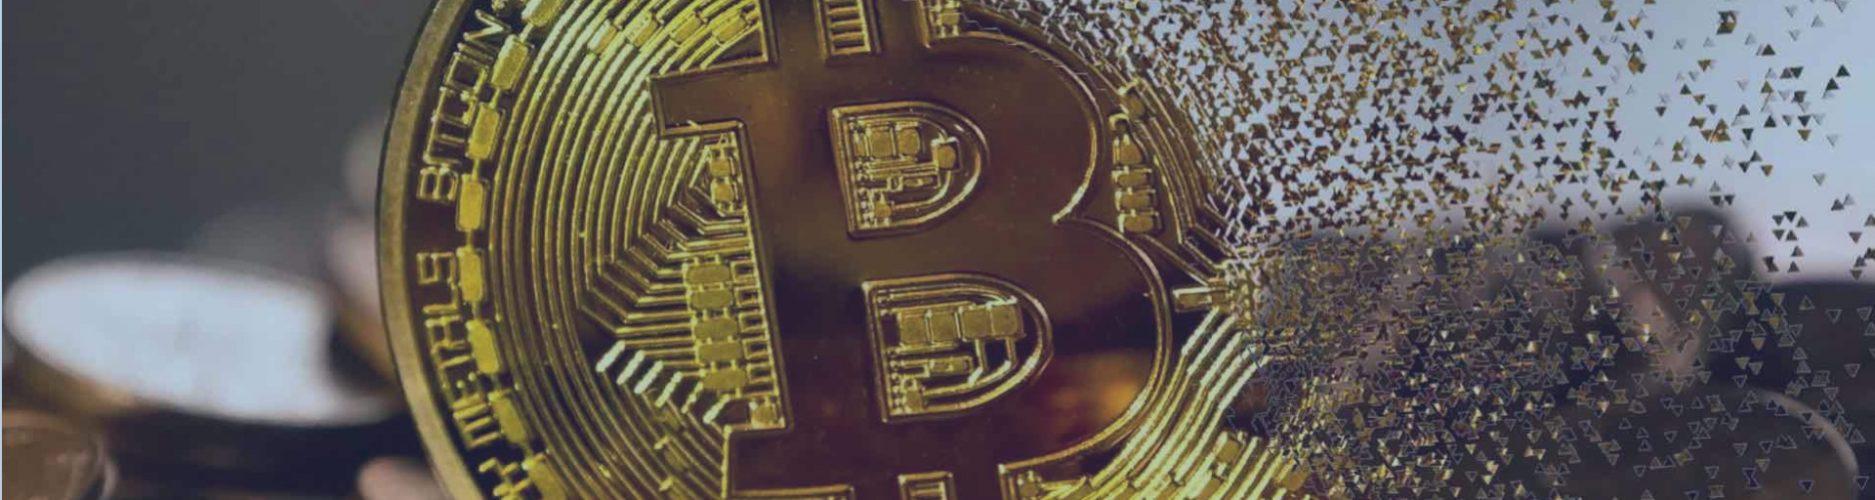 moneda-bitcoin-desvanece